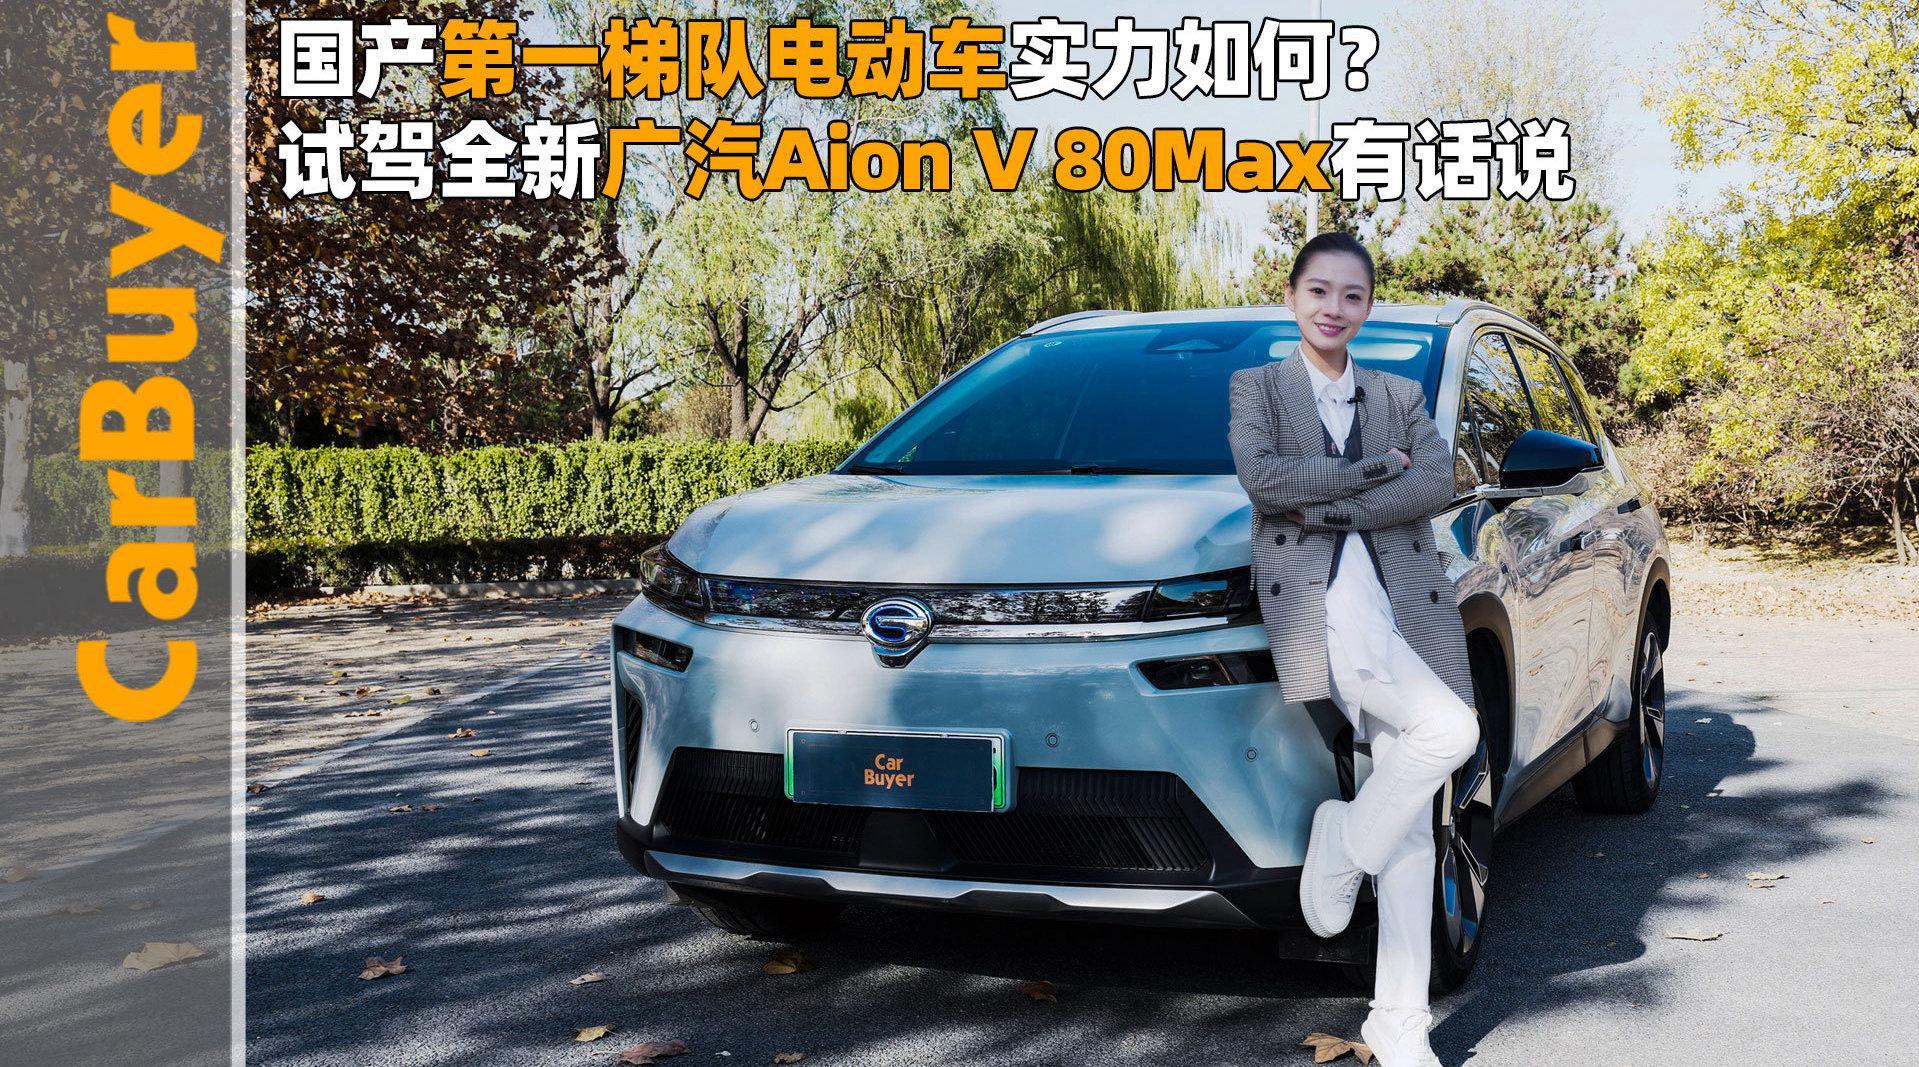 视频:国产第一梯队电动车实力如何?试驾全新广汽Aion V 80Max有话说